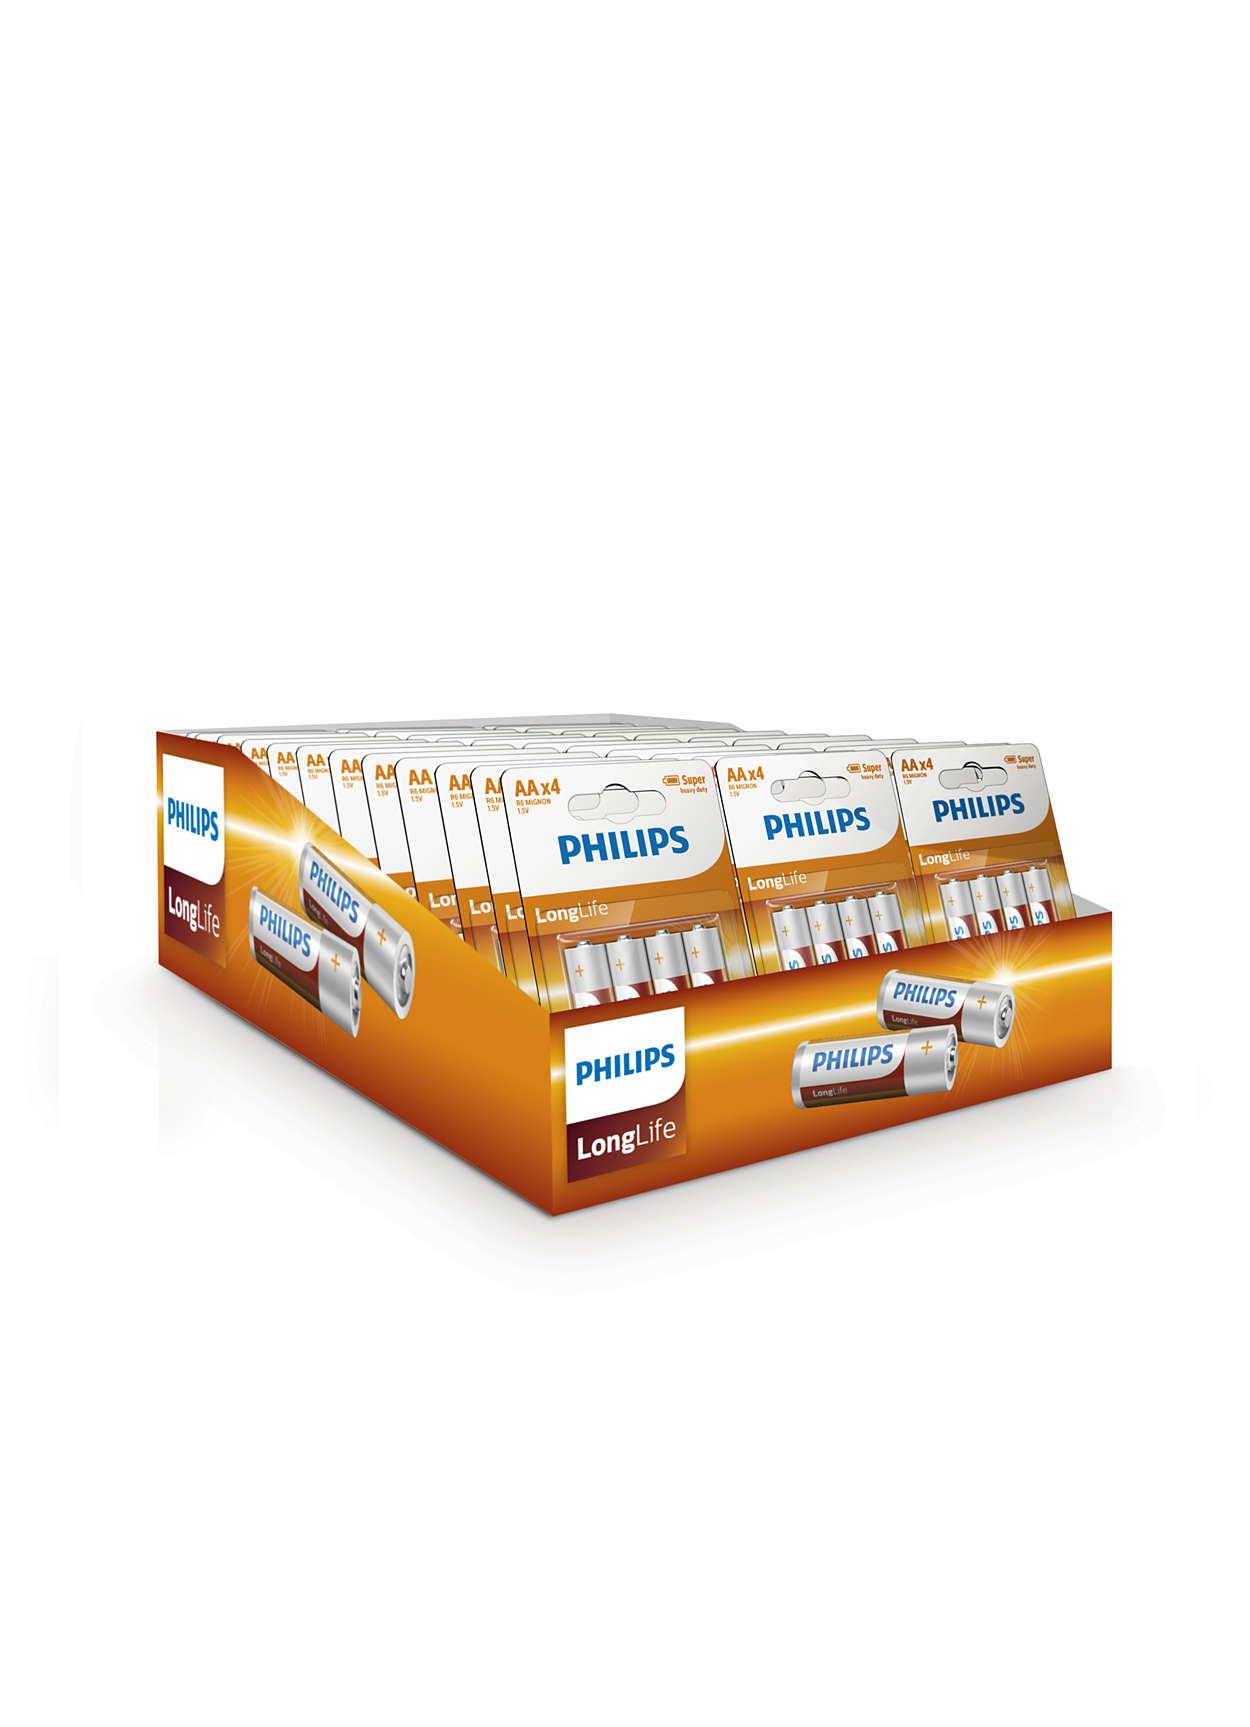 Pakiranje tvrtke Philips za izlaganje na pultu